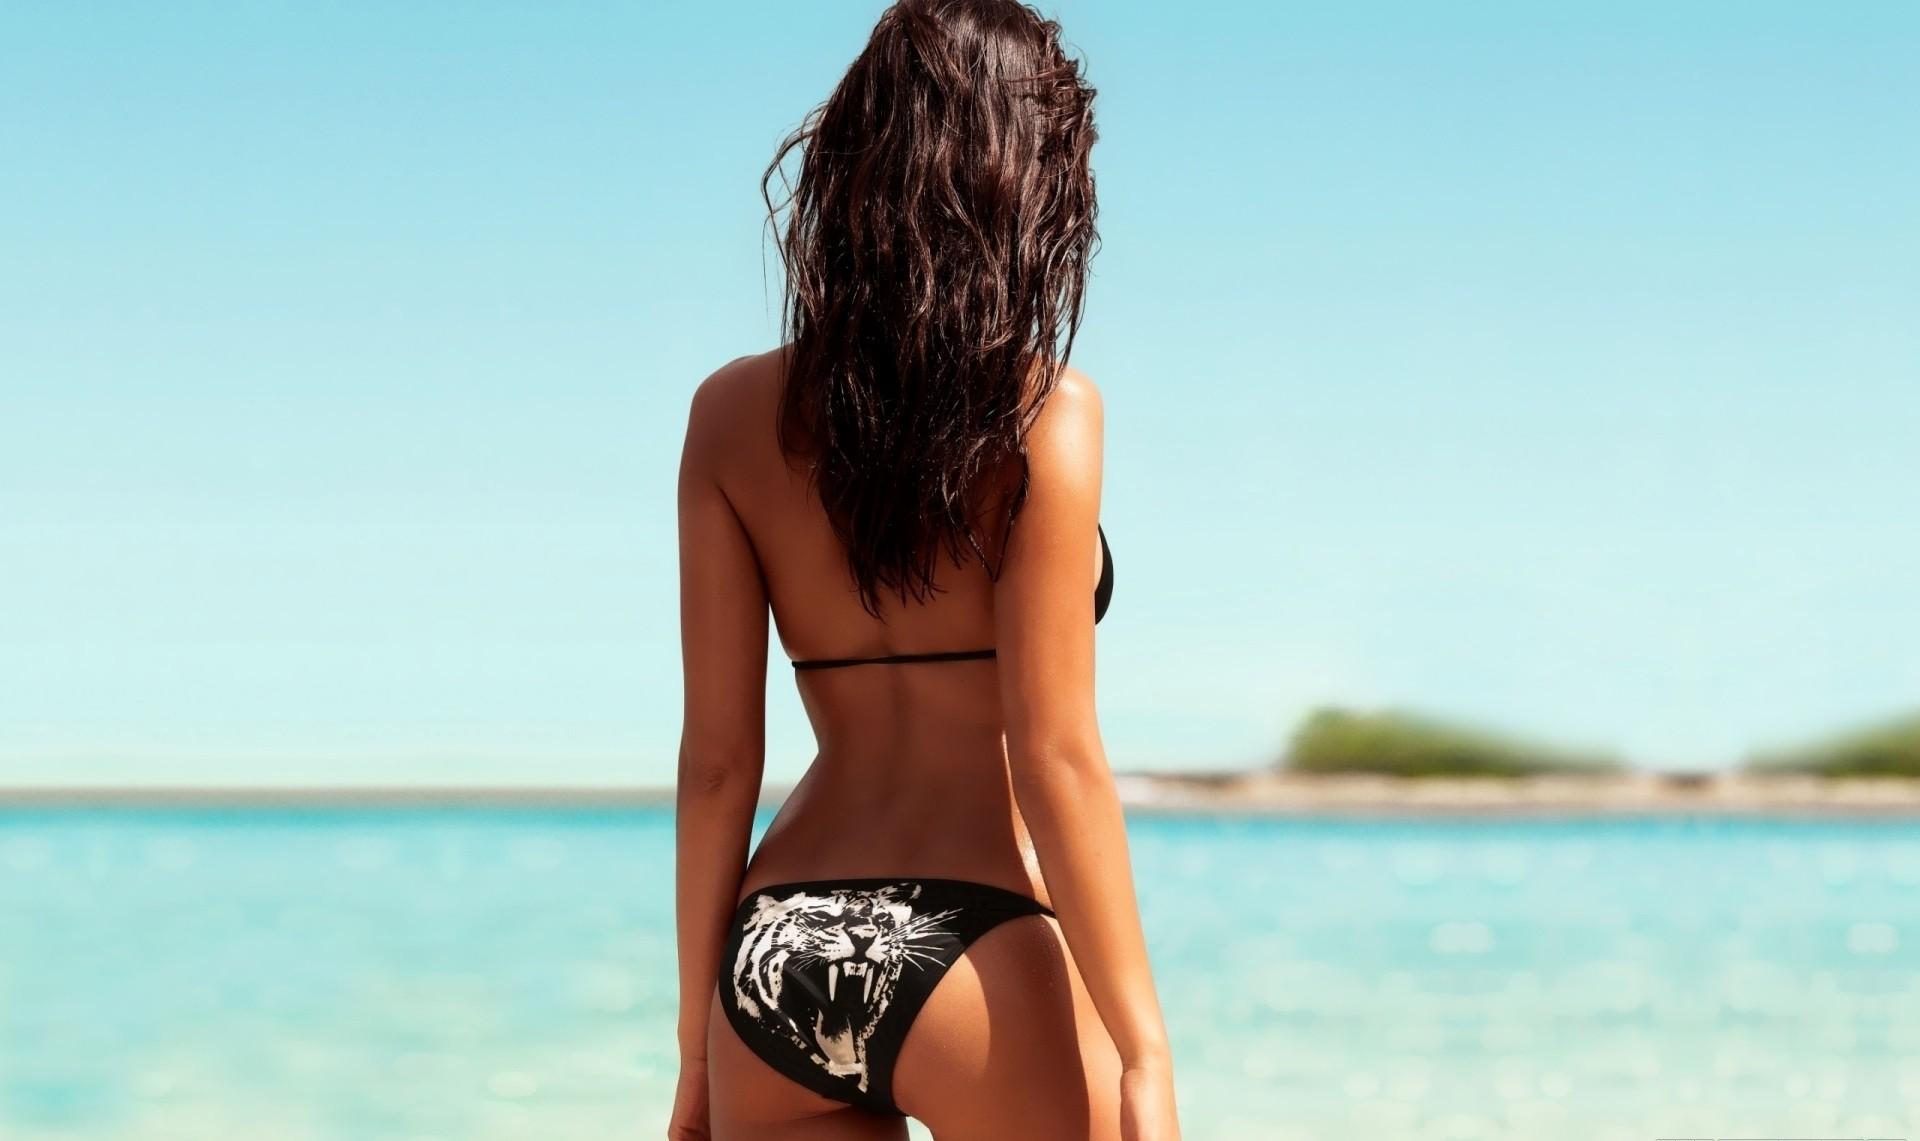 Фото девушек брюнеток на аву в купальнике